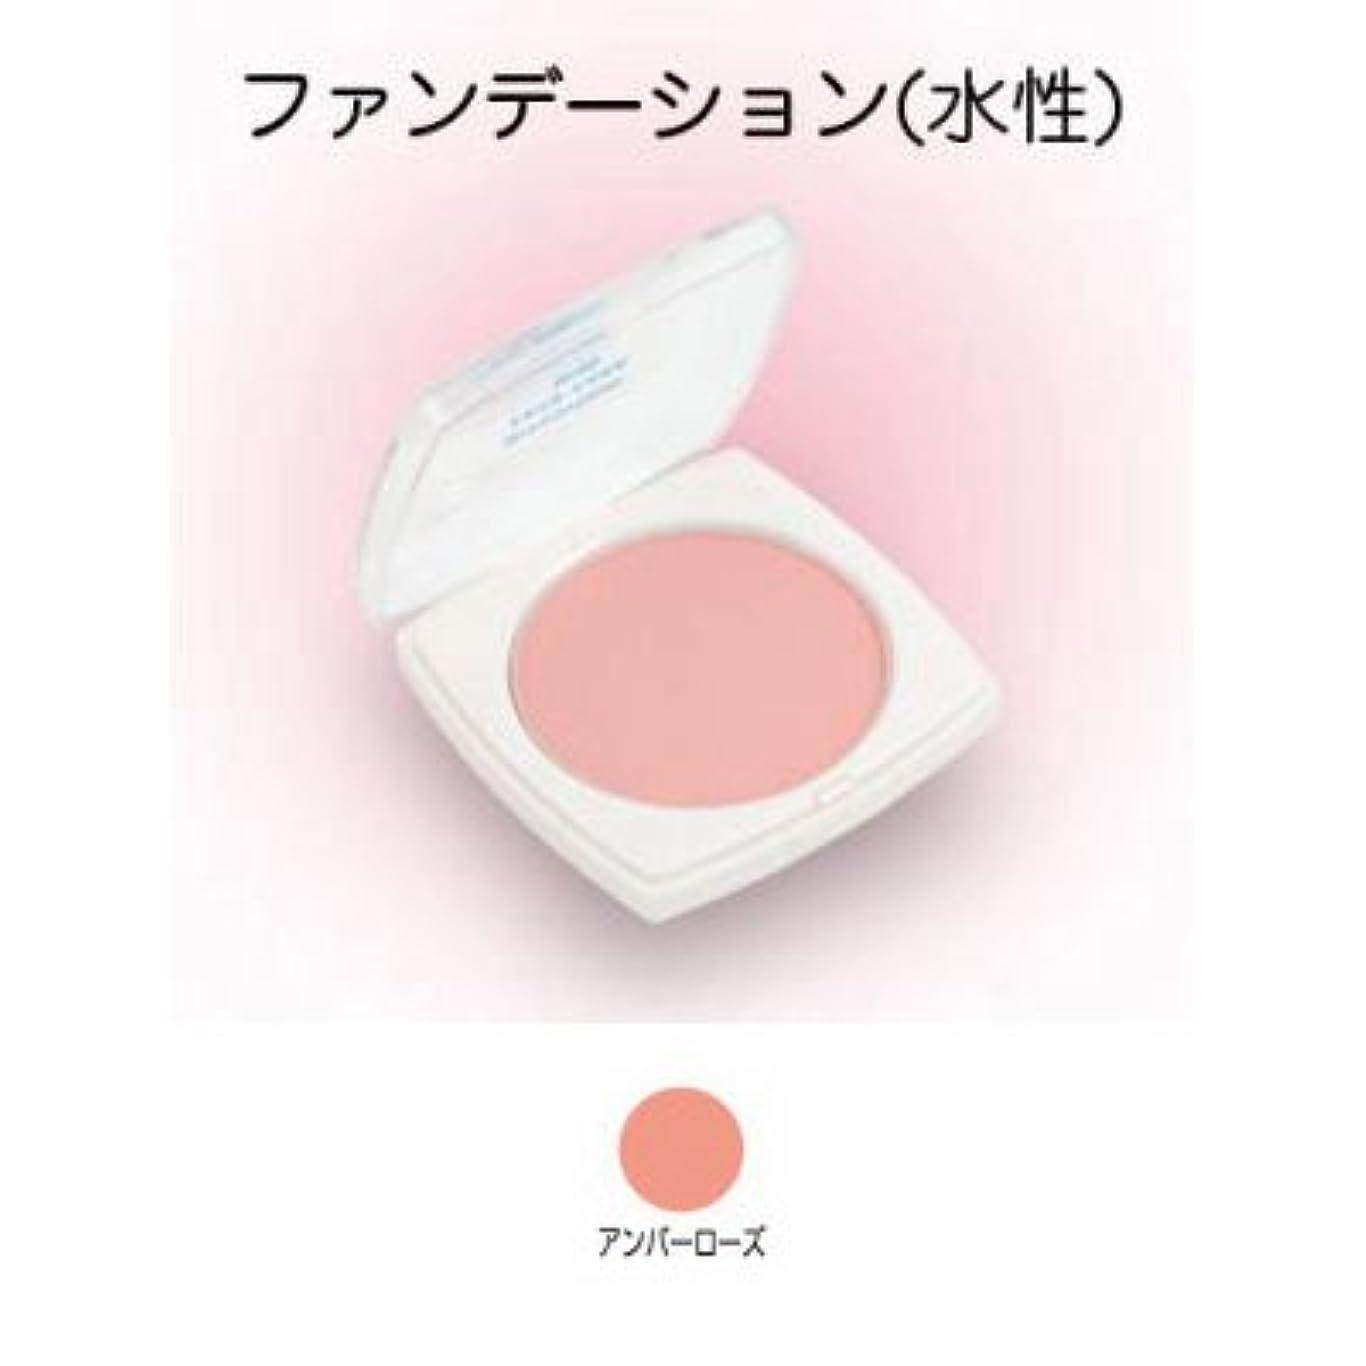 限定探偵レスリングフェースケーキ ミニ 17g アンバーローズ 【三善】